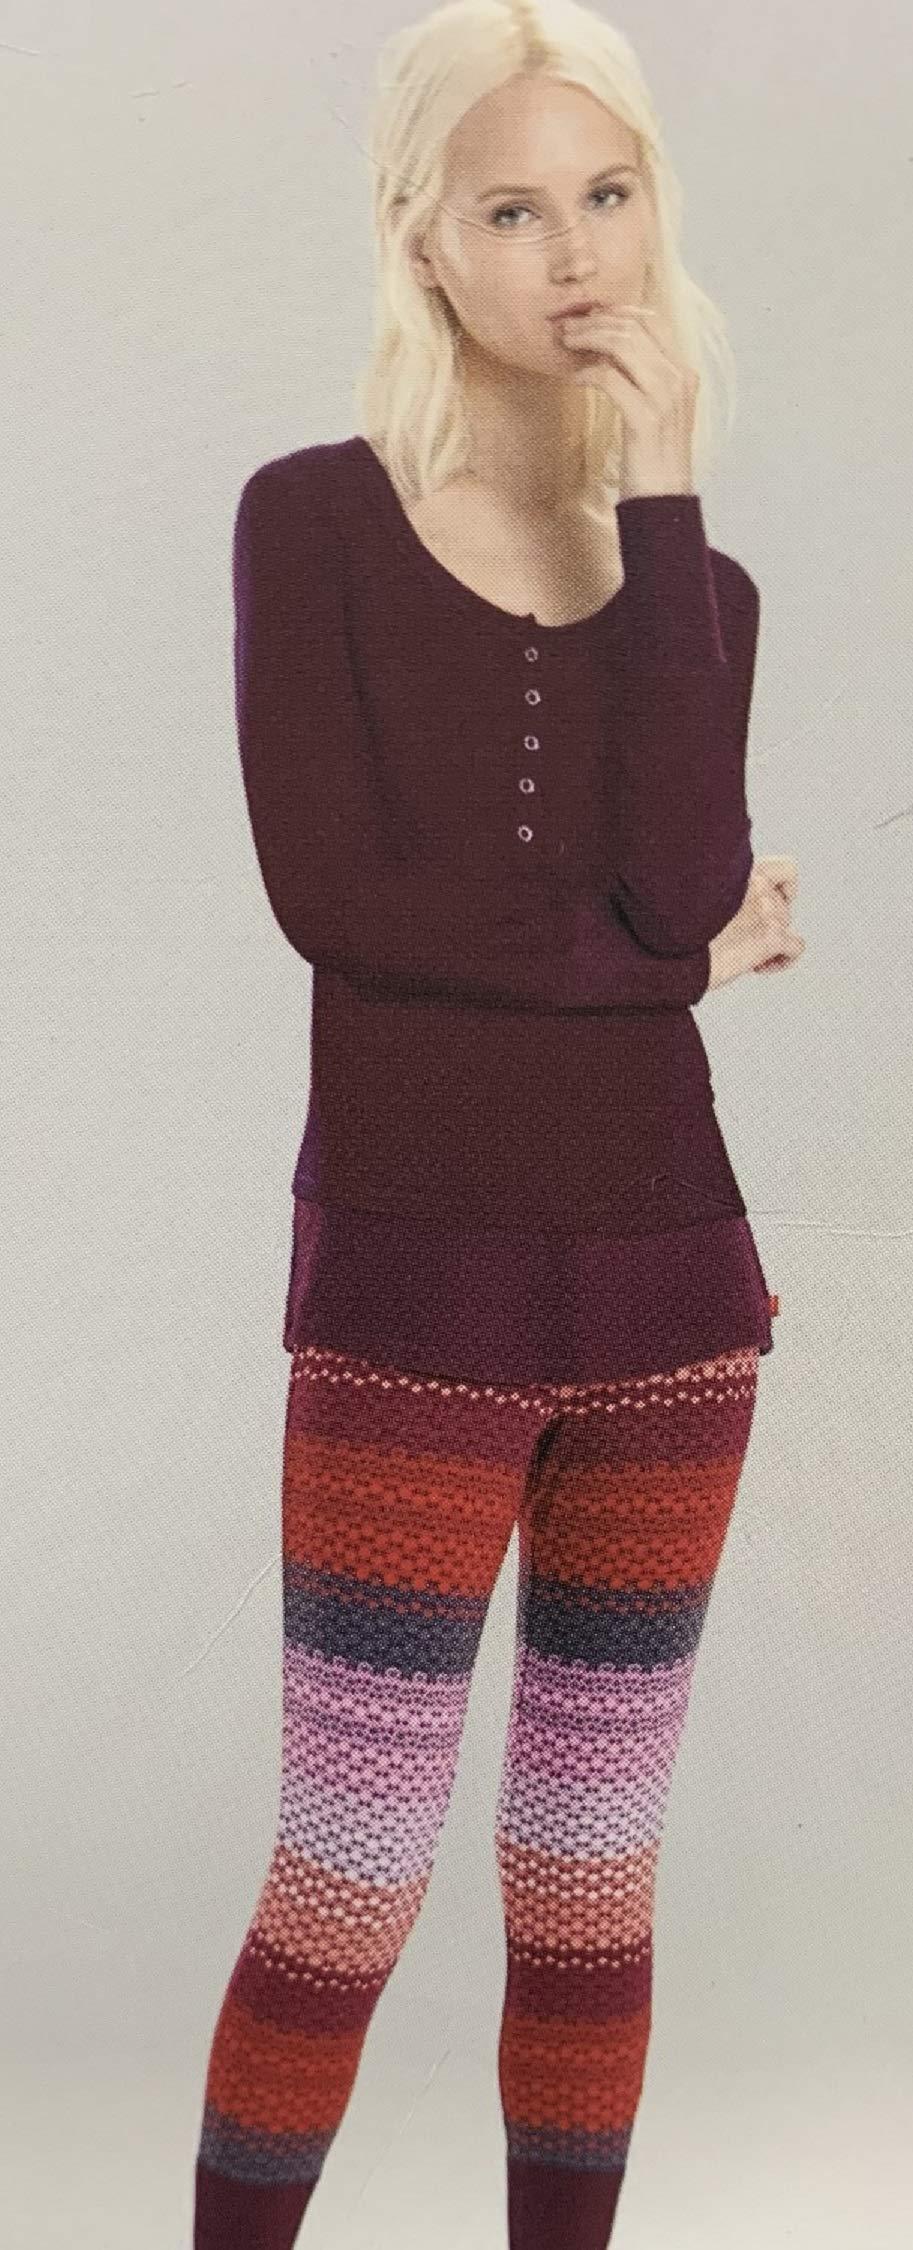 Details about  /NEW! Josie Natori Women/'s Fireside 2-Piece Henley Sleepwear Set Variety #285